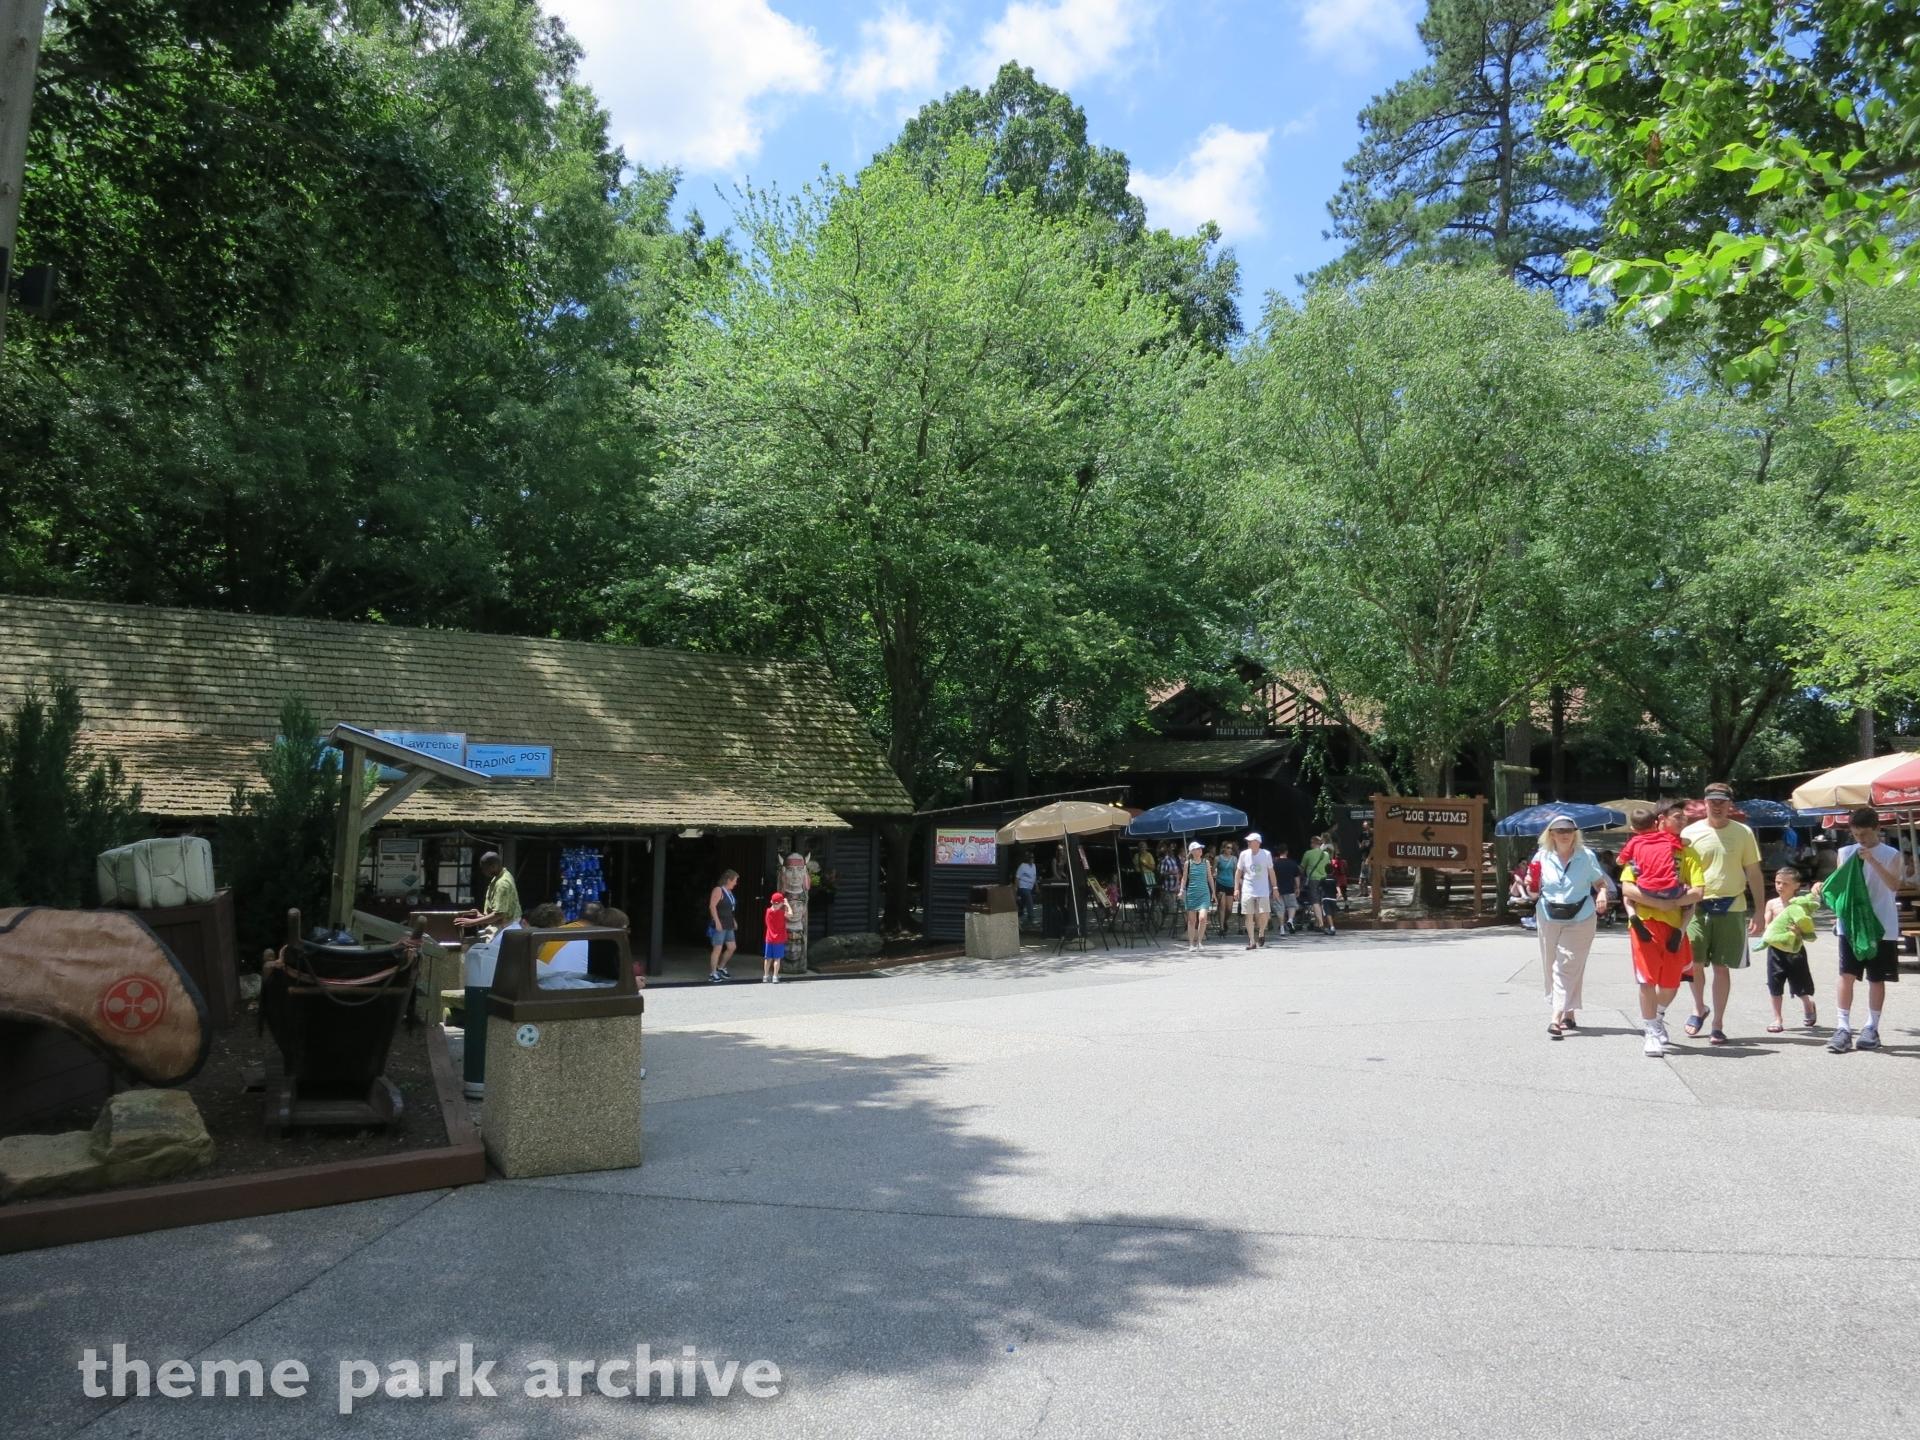 New France at Busch Gardens Williamsburg